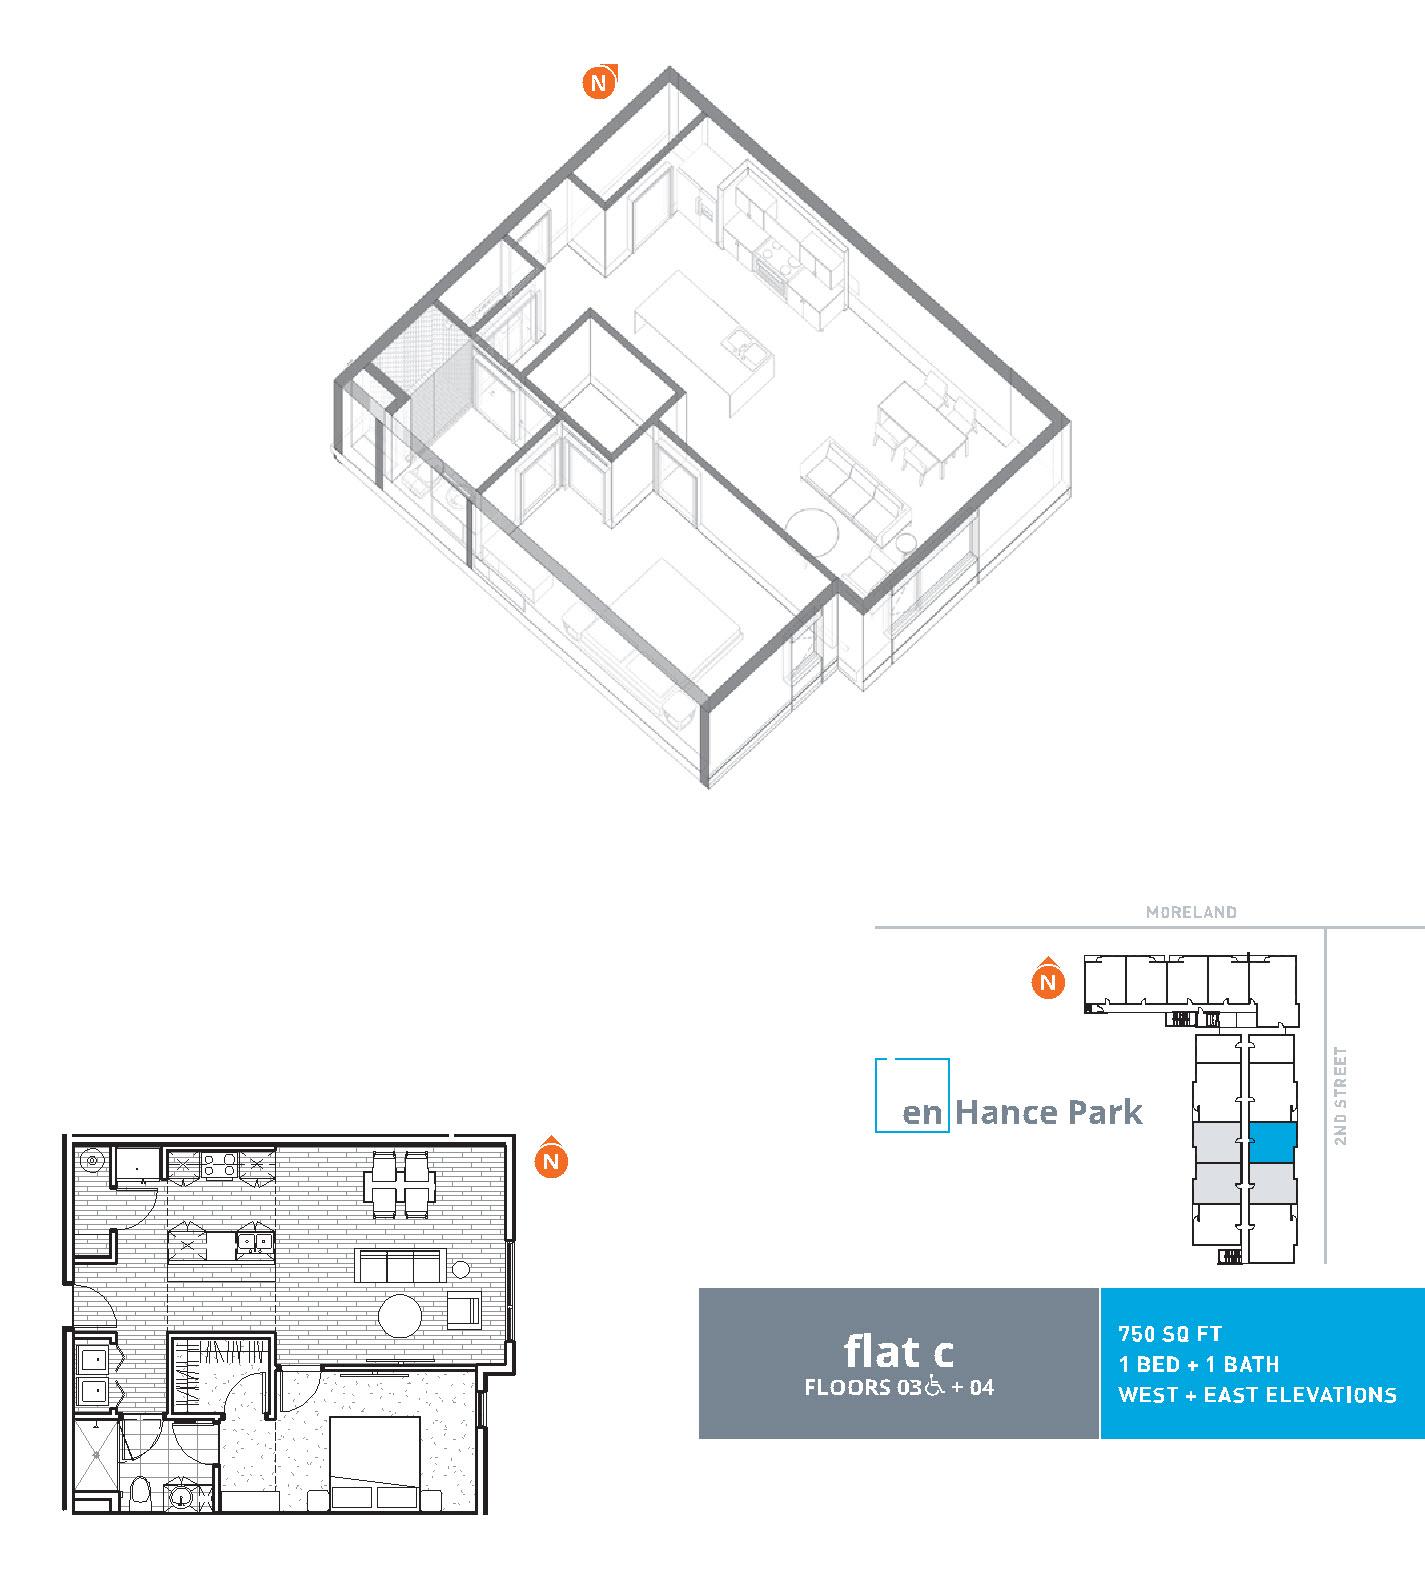 En hance park condo floor plan flat c 1bd